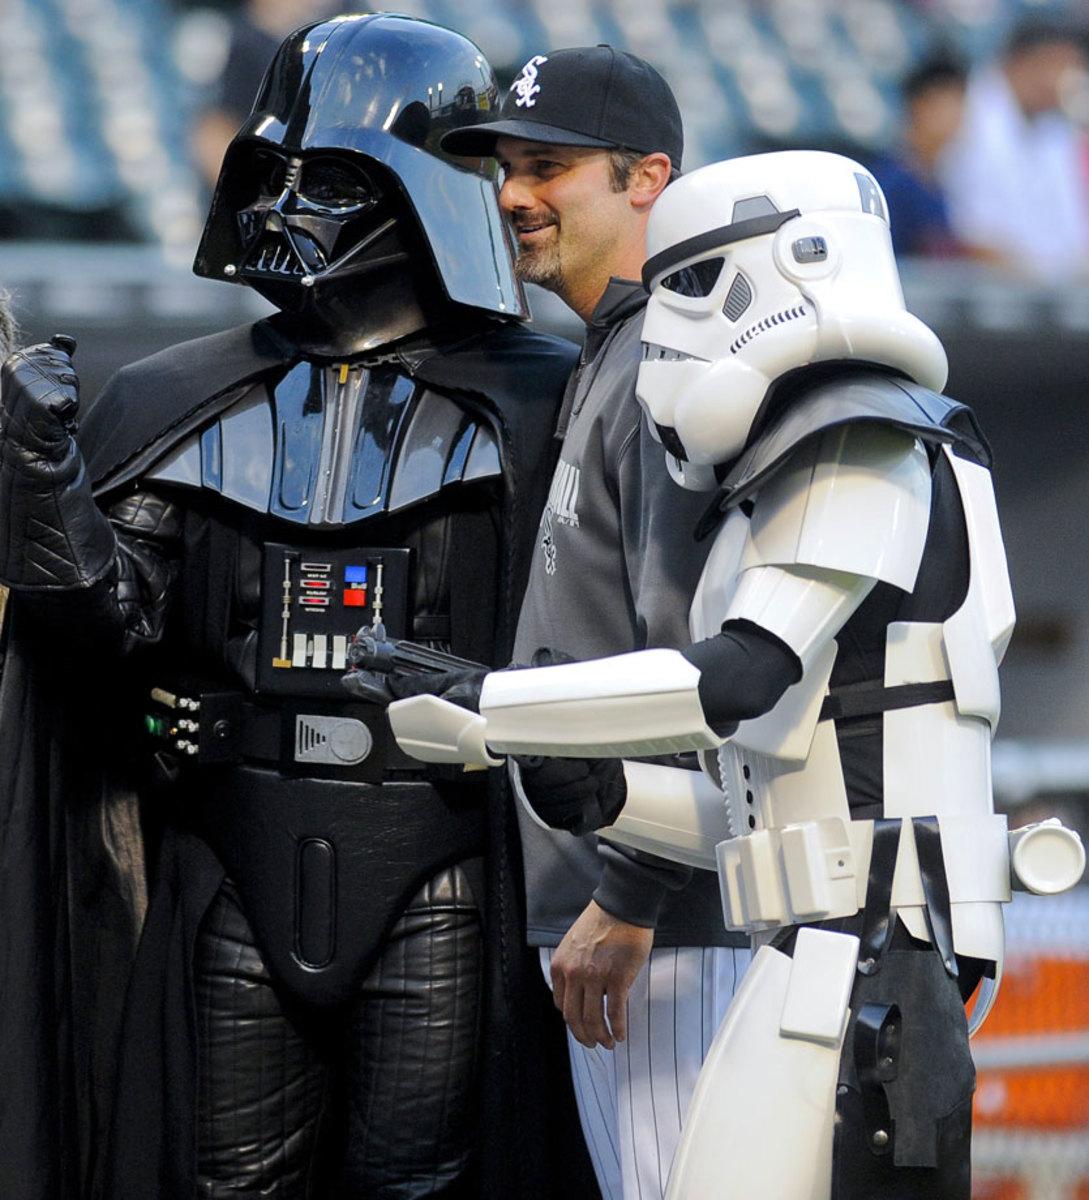 2014-0829-Paul-Konerko-Darth-Vader-Stormtrooper-Star-Wars.jpg